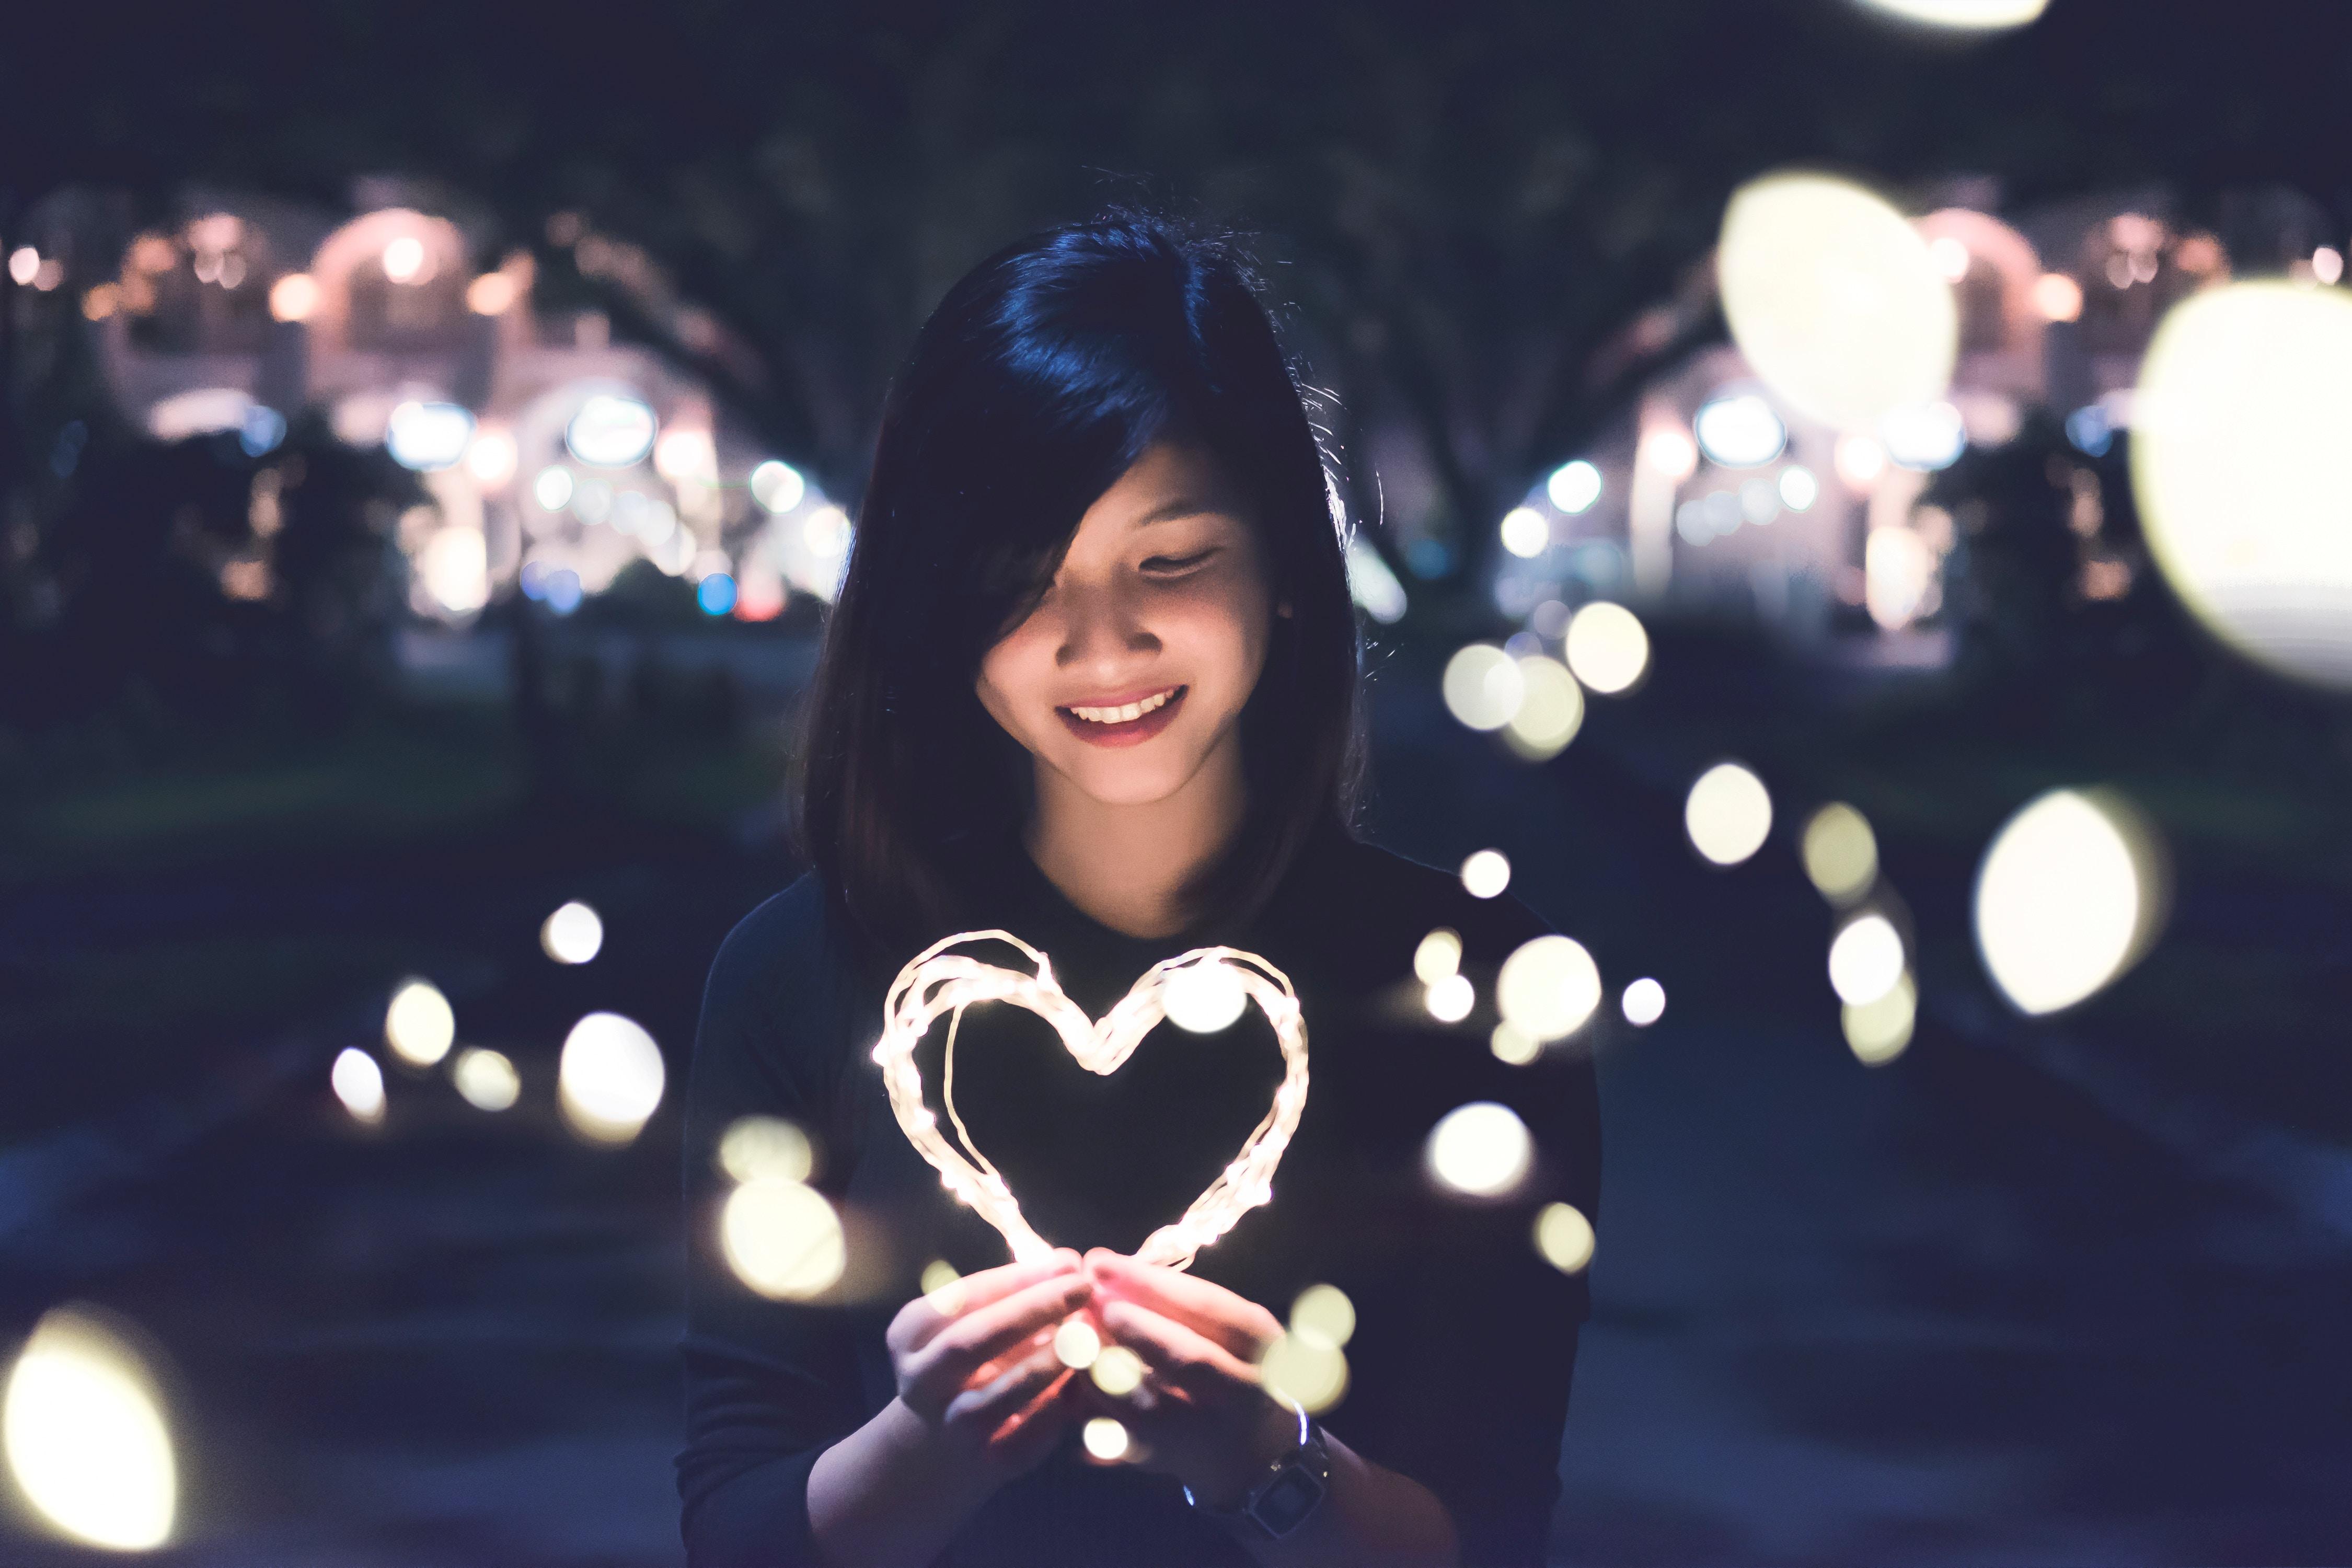 Ta yêu nhau bình yên hôm nay thôi, chuyện ngày mai để mai tính - Ảnh 1.